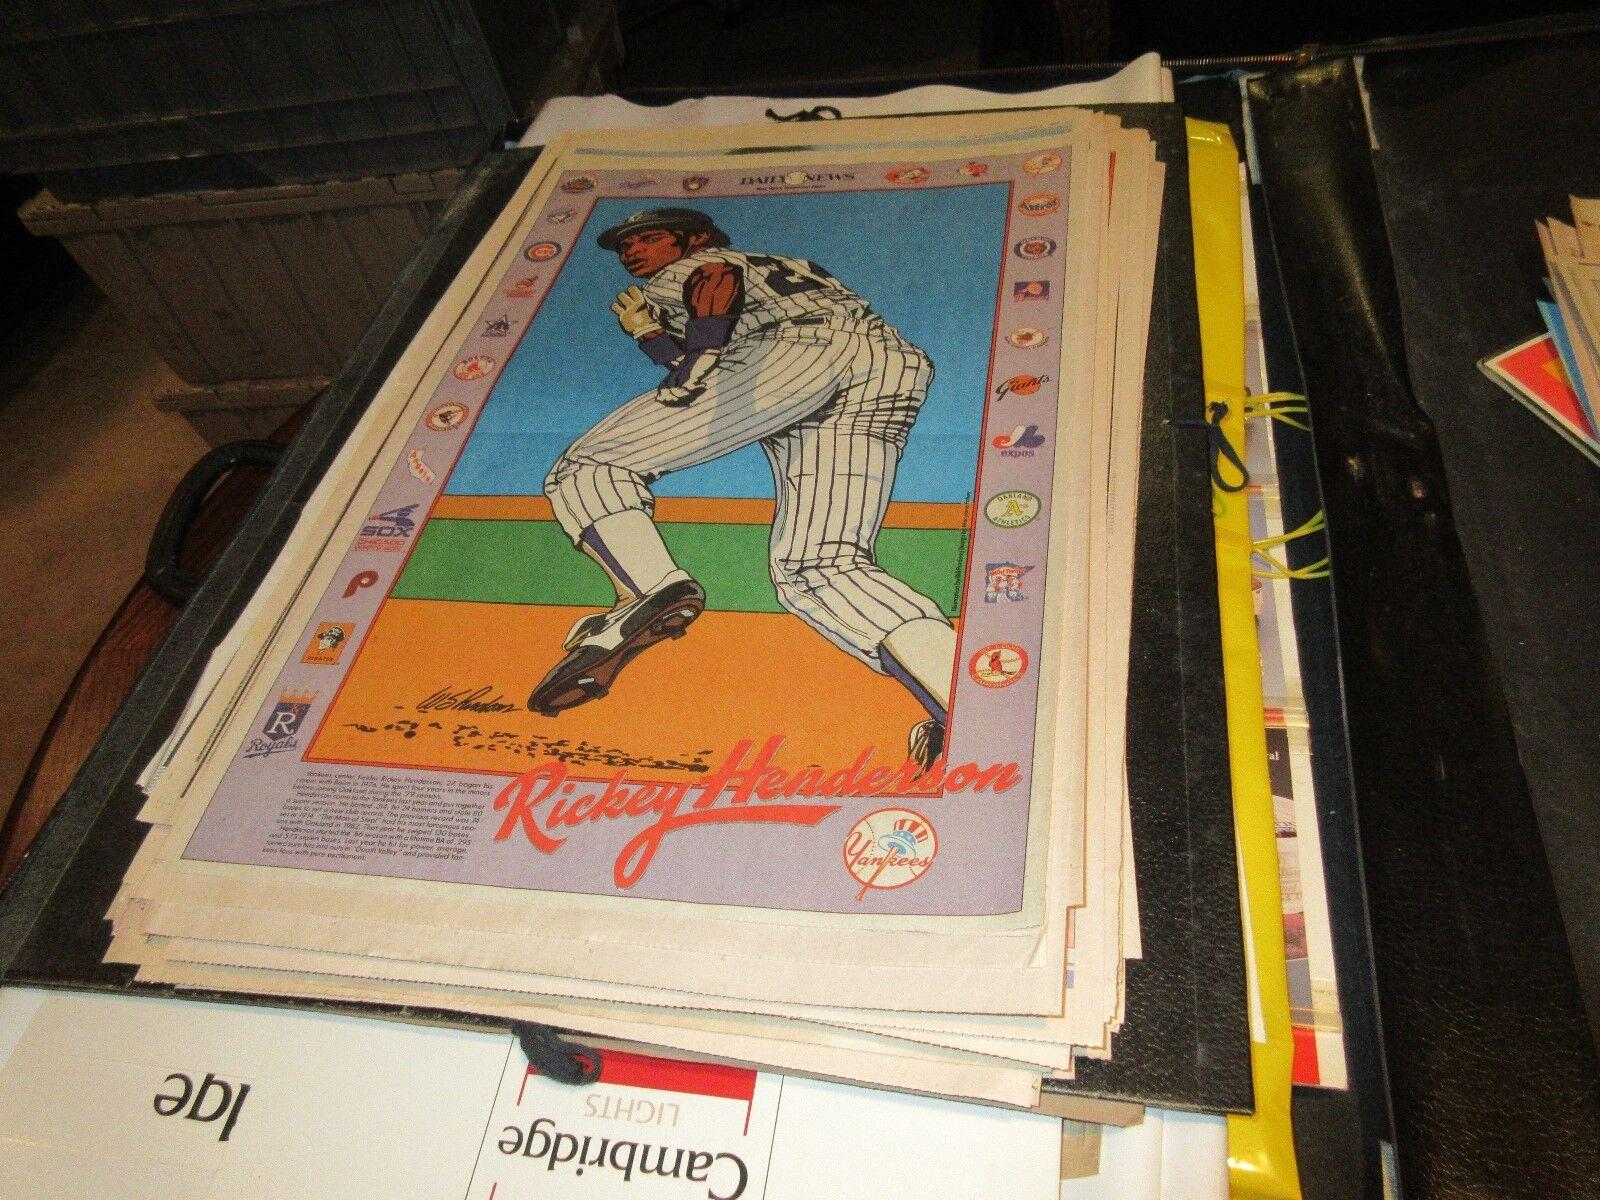 Ricky Henderson , NY Yankees , NY Daily News ,Newspaper